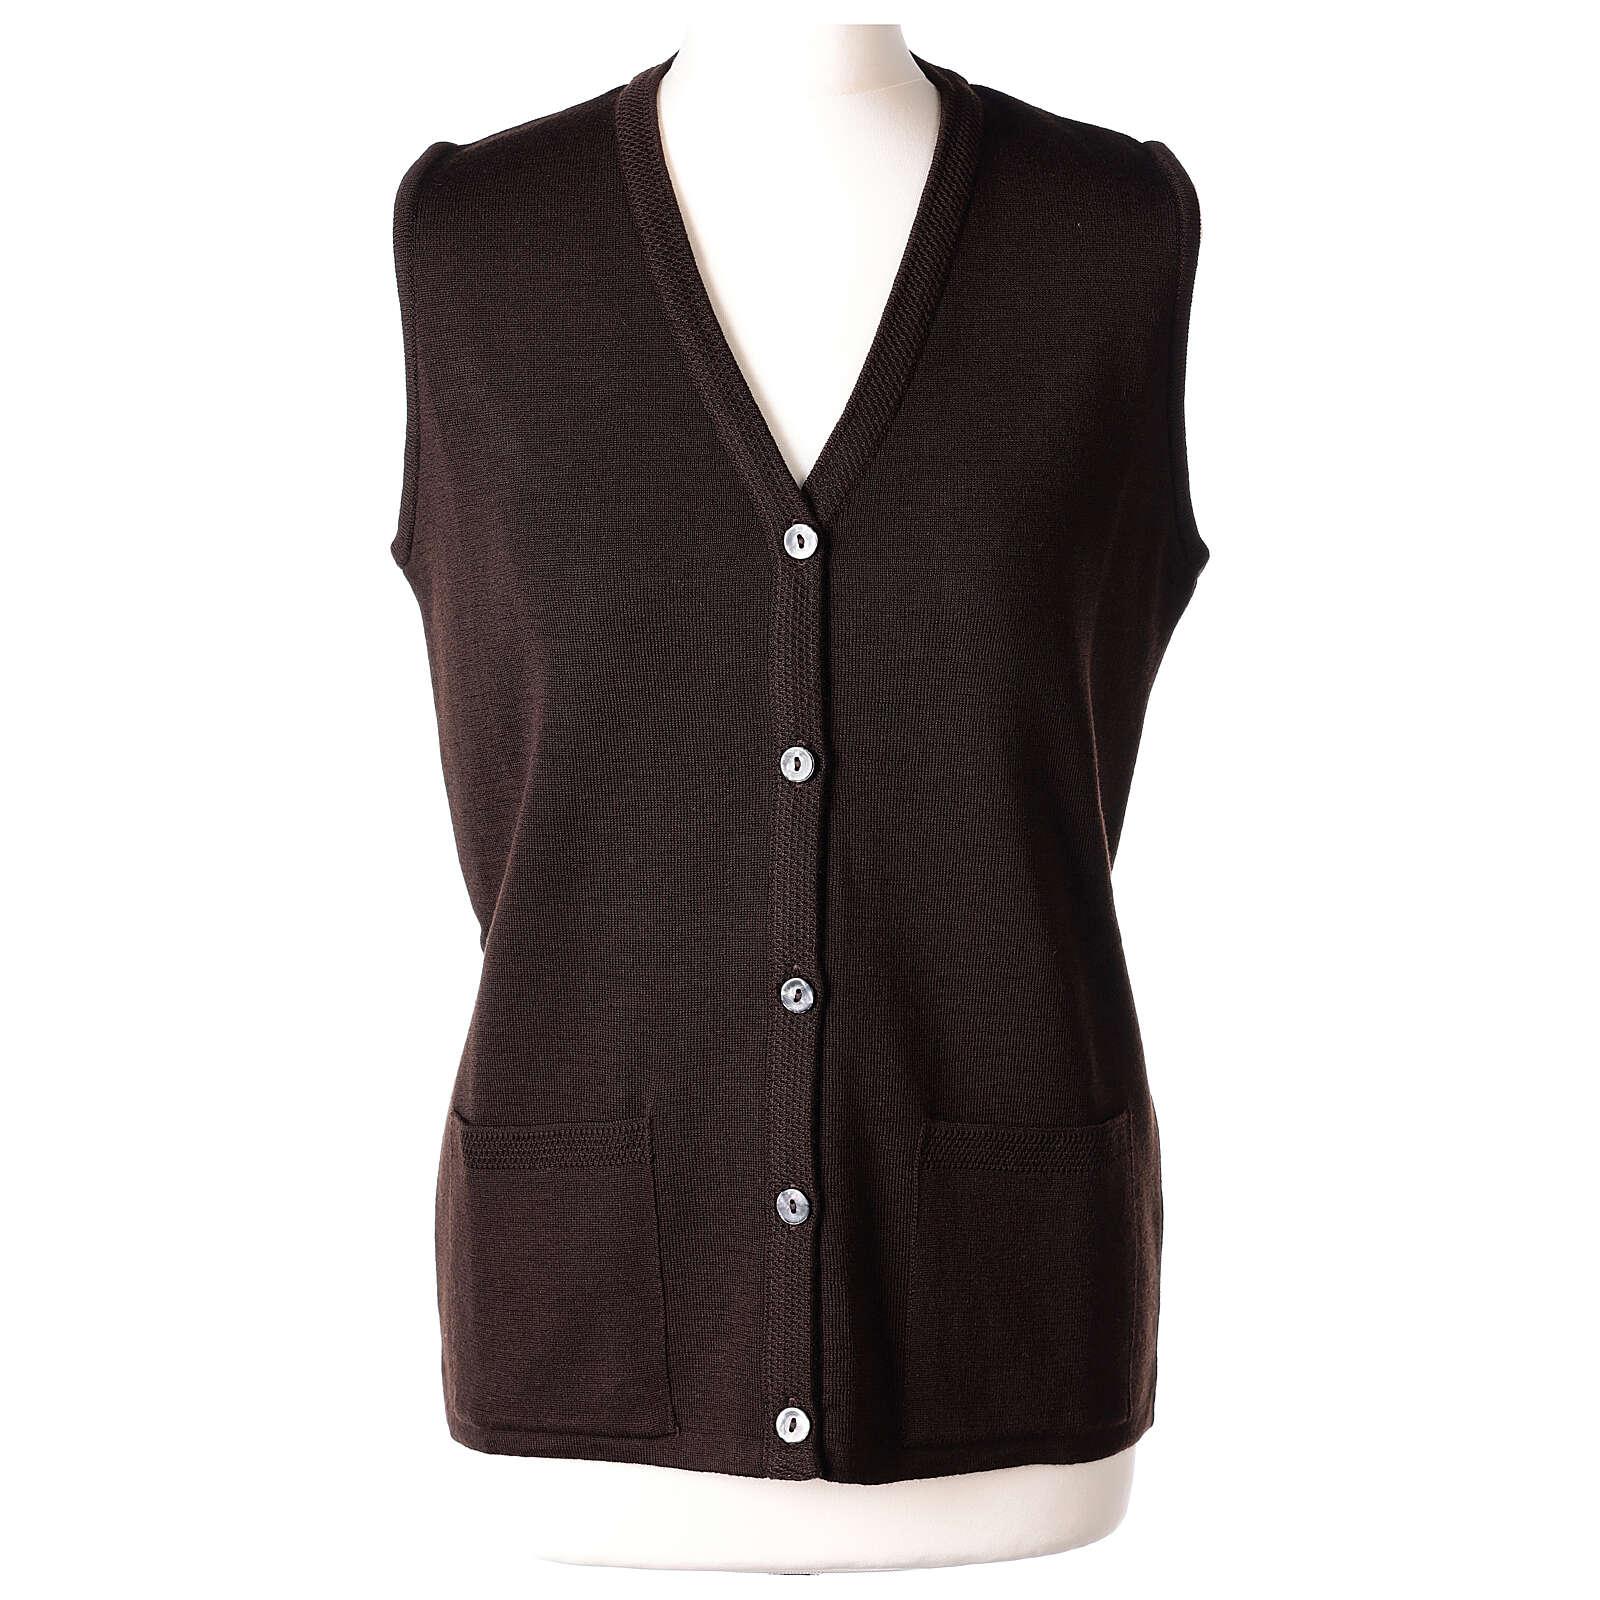 Gilet marron pour soeur avec poches col en V 50% acrylique 50% laine mérinos In Primis 4